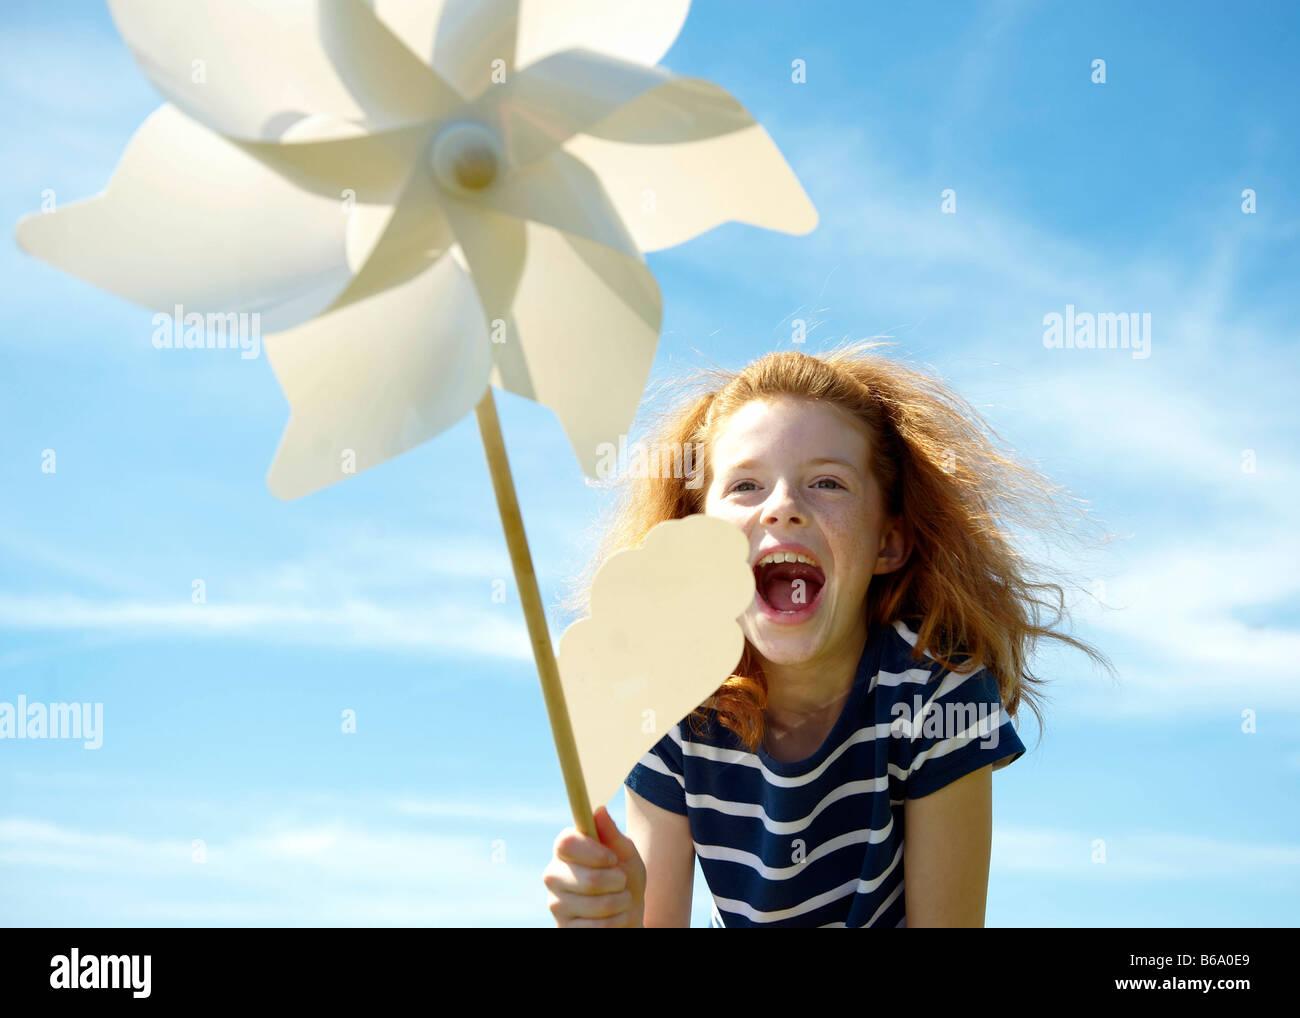 Junges Mädchen lachend mit Windmühle Stockbild